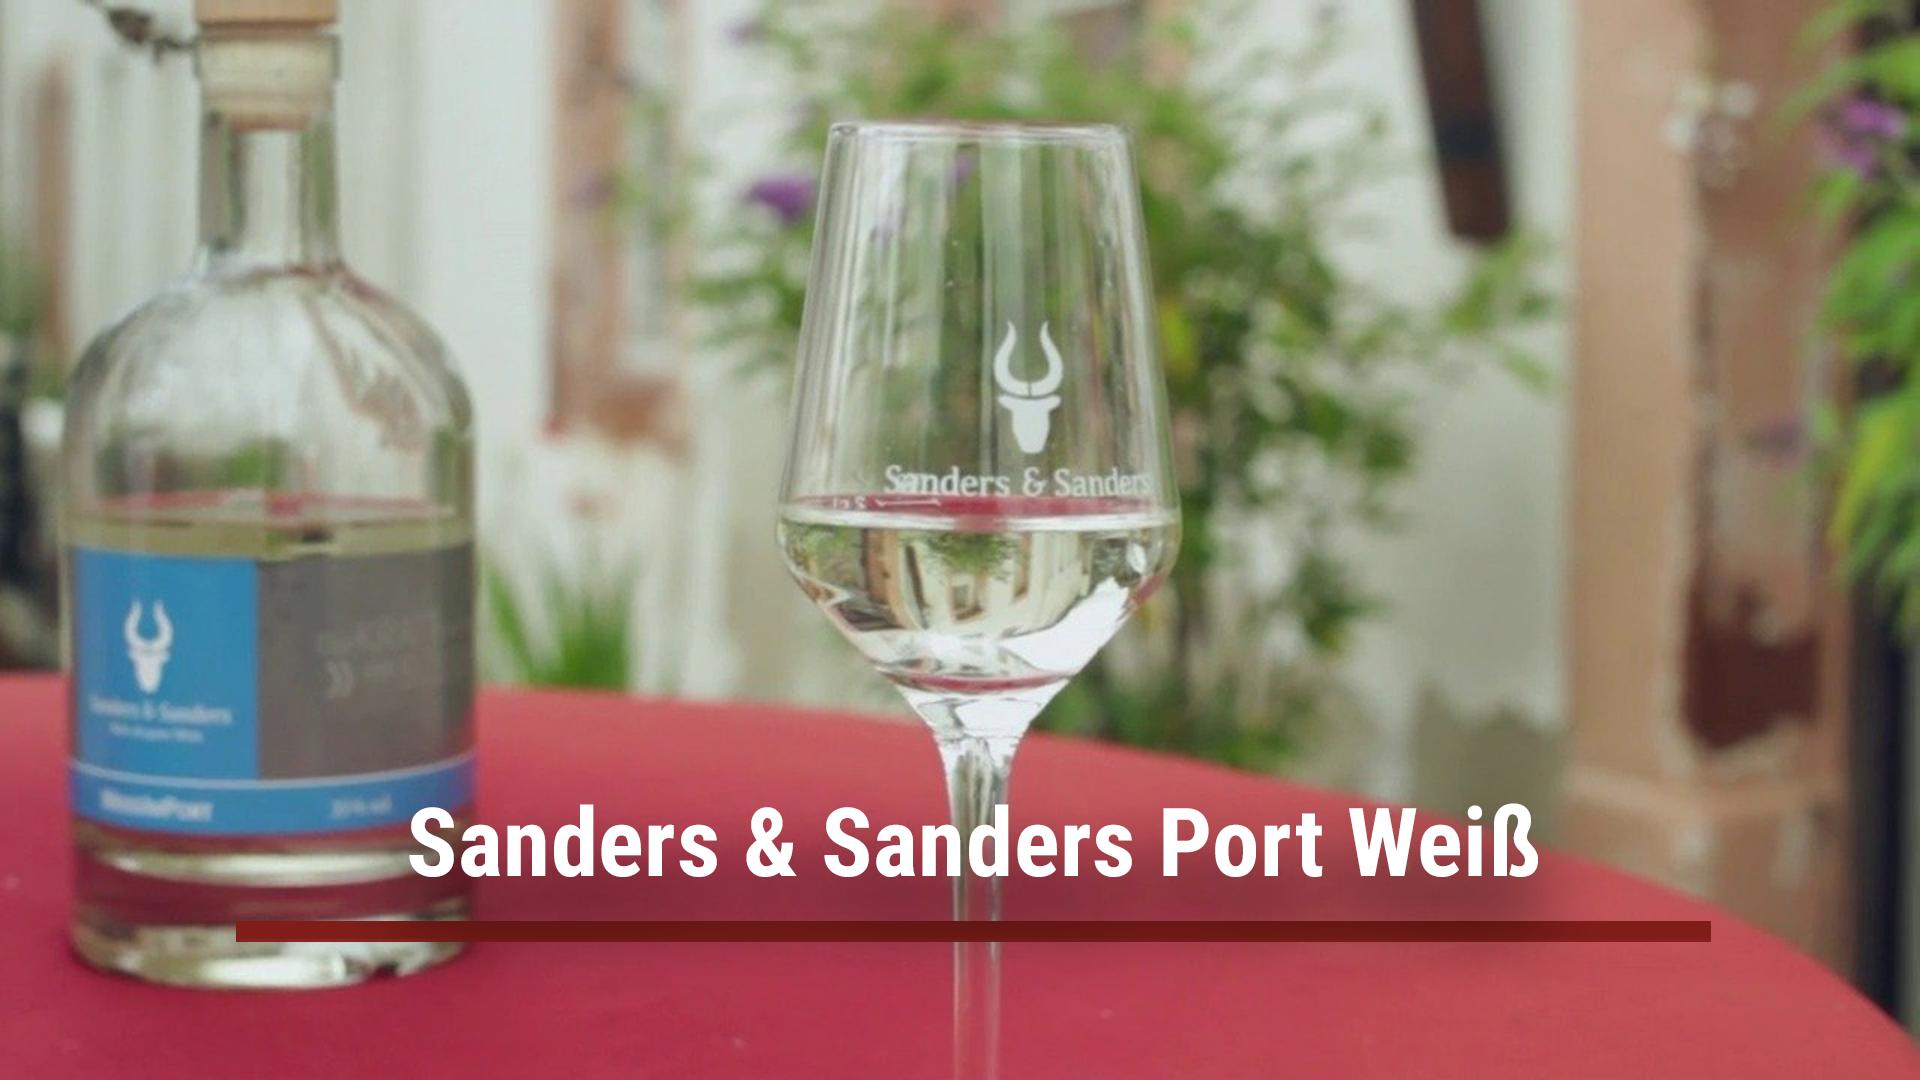 Sanders & Sanders Port Weiß